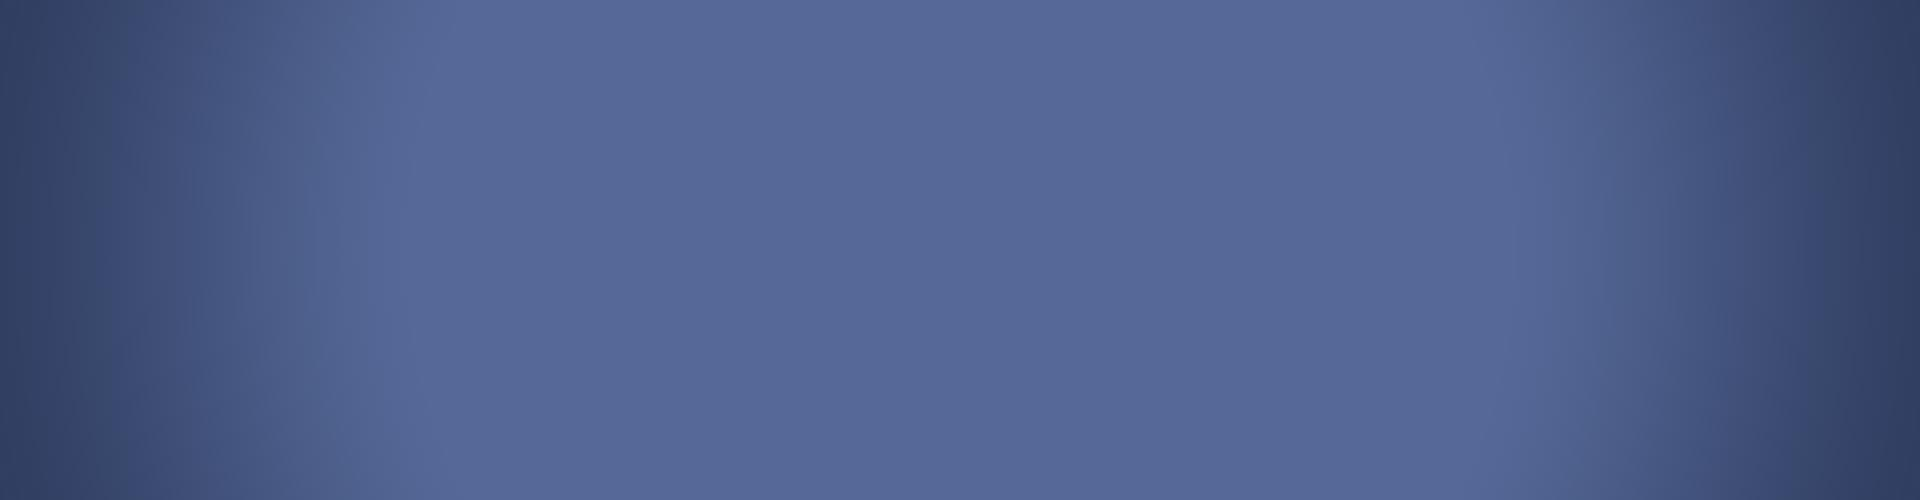 bg-color-slide-langage-tactile